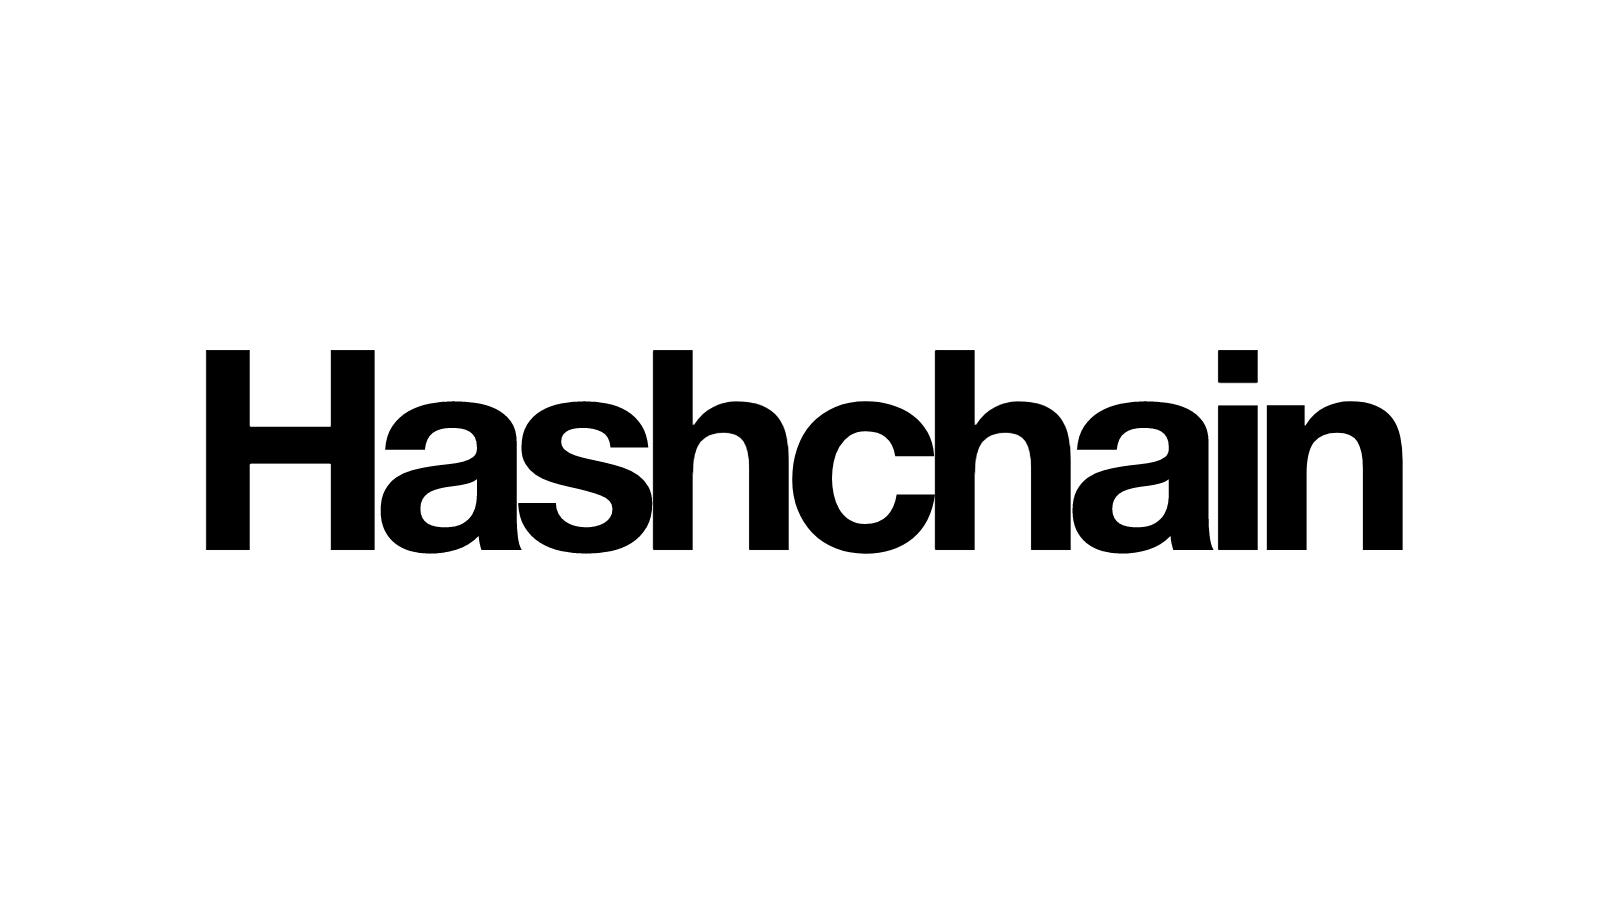 Hashchain showcase